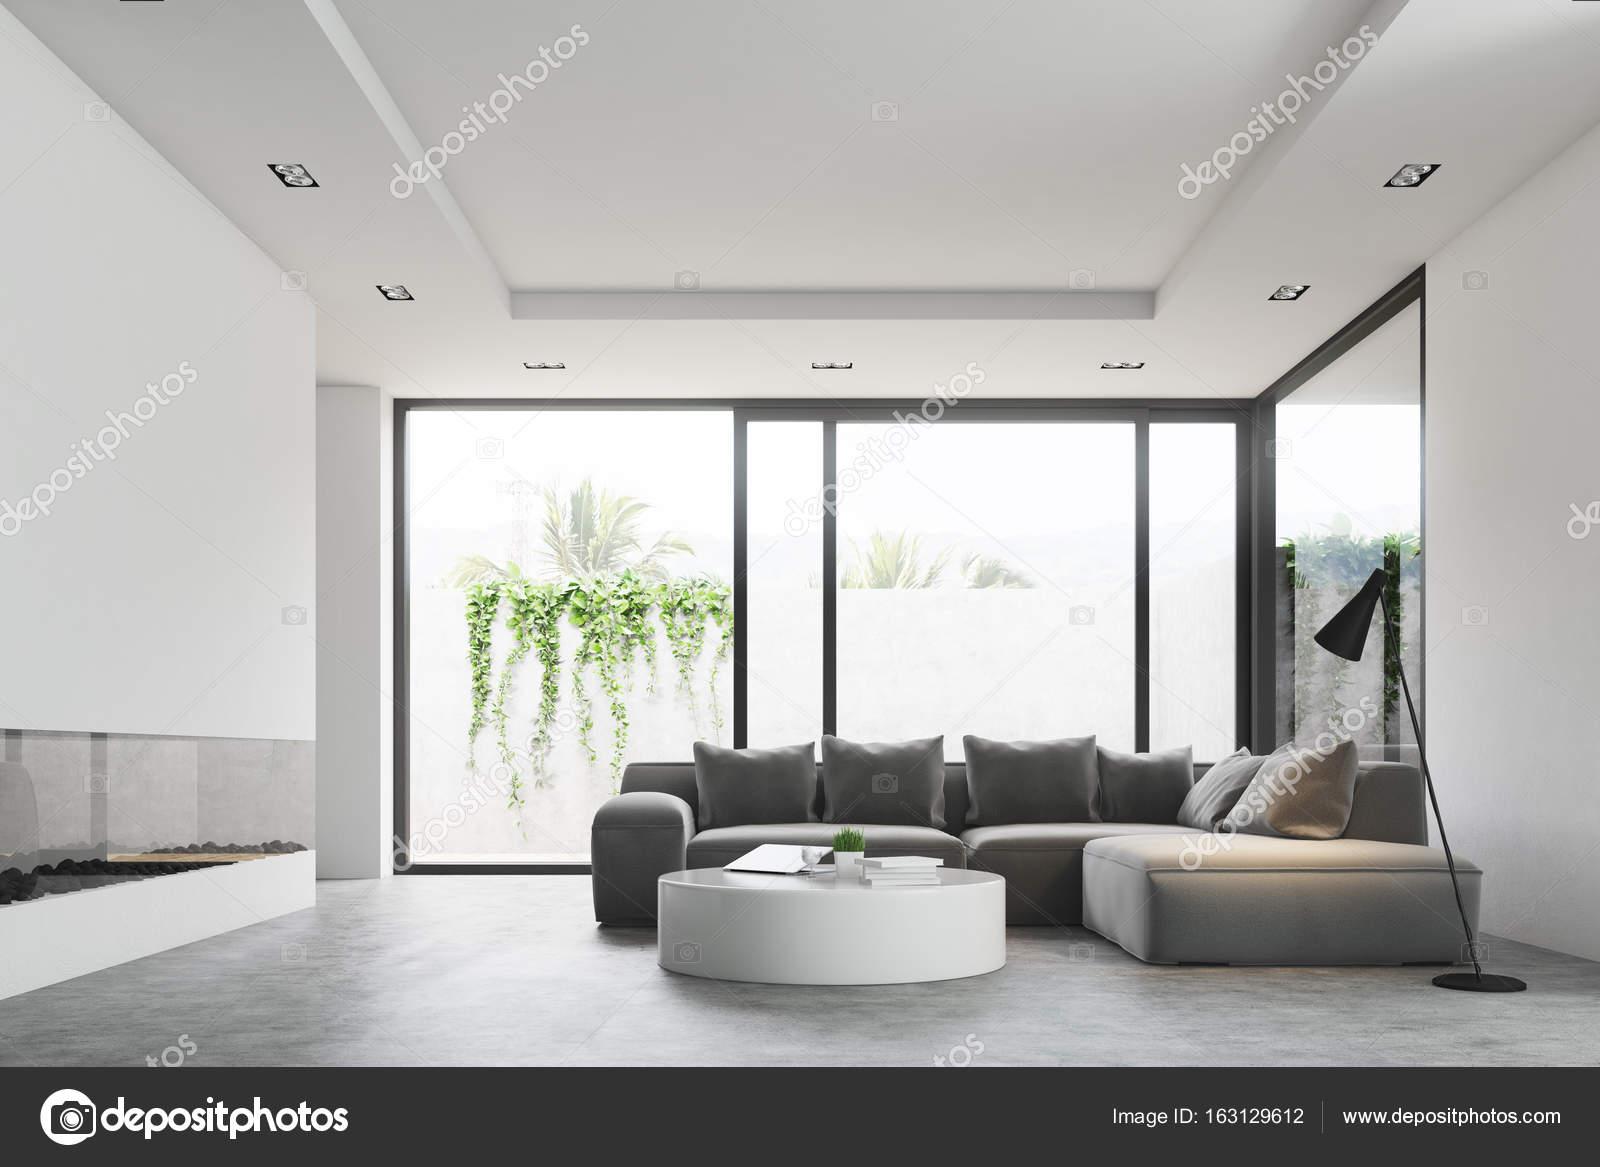 https://st3.depositphotos.com/2673929/16312/i/1600/depositphotos_163129612-stockafbeelding-woonkamer-ronde-tafel-bank-zijaanzicht.jpg